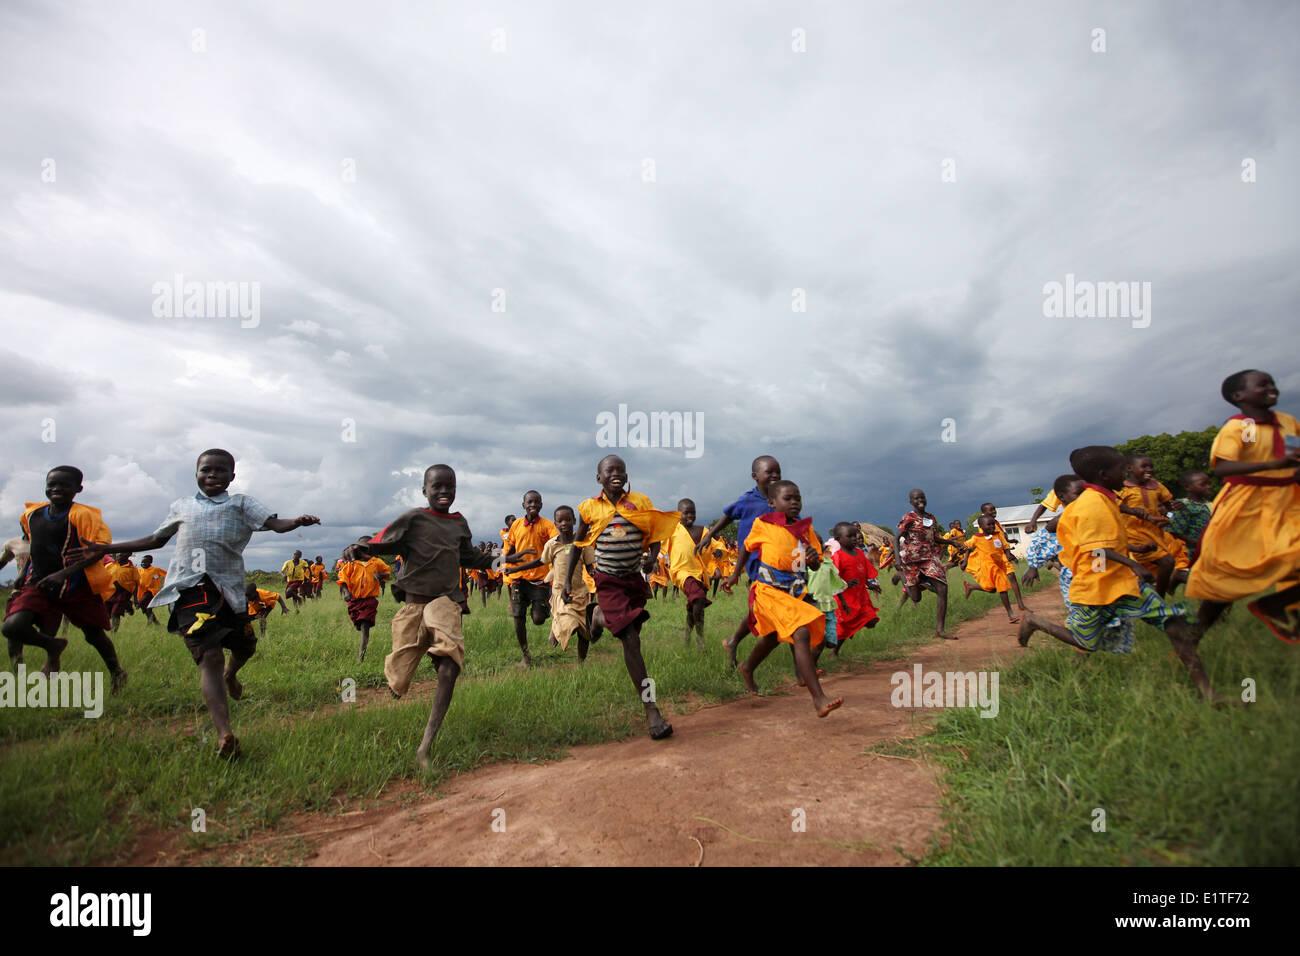 Los niños corriendo en el norte de Uganda Imagen De Stock